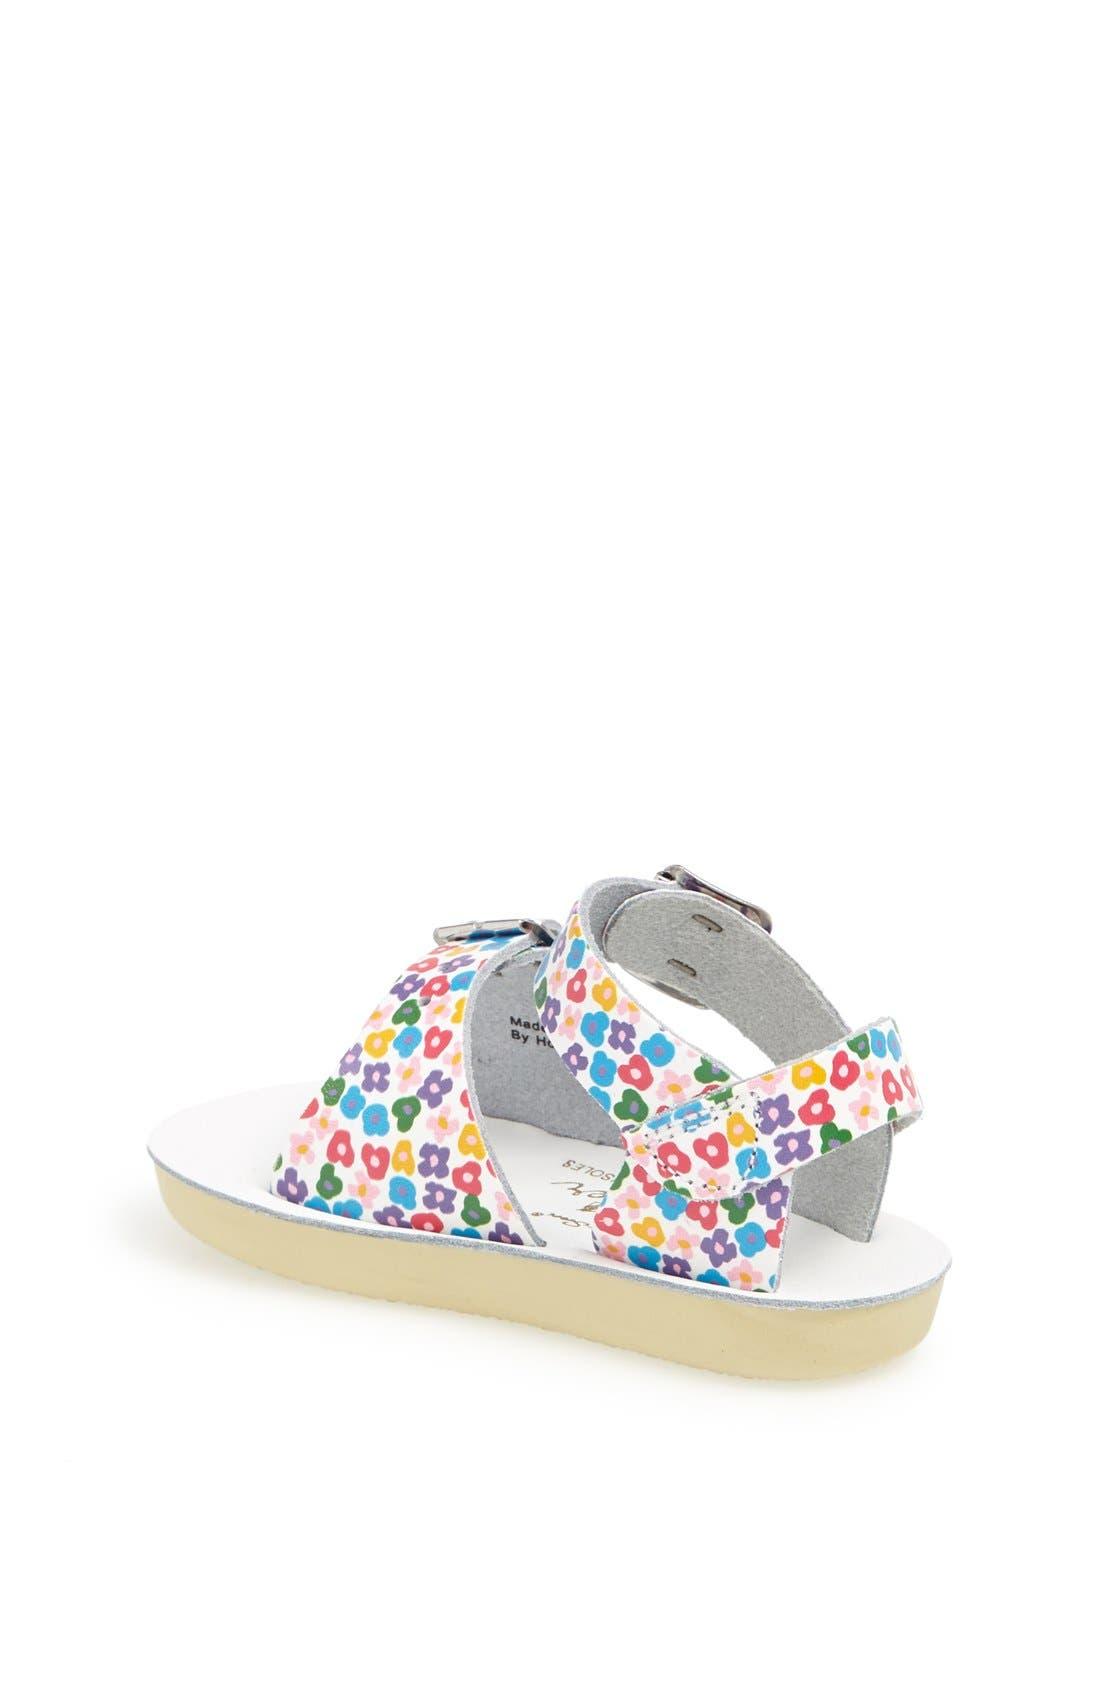 Hoy Shoe Salt-Water<sup>®</sup> Sandals 'Surfer' Sandal,                             Alternate thumbnail 2, color,